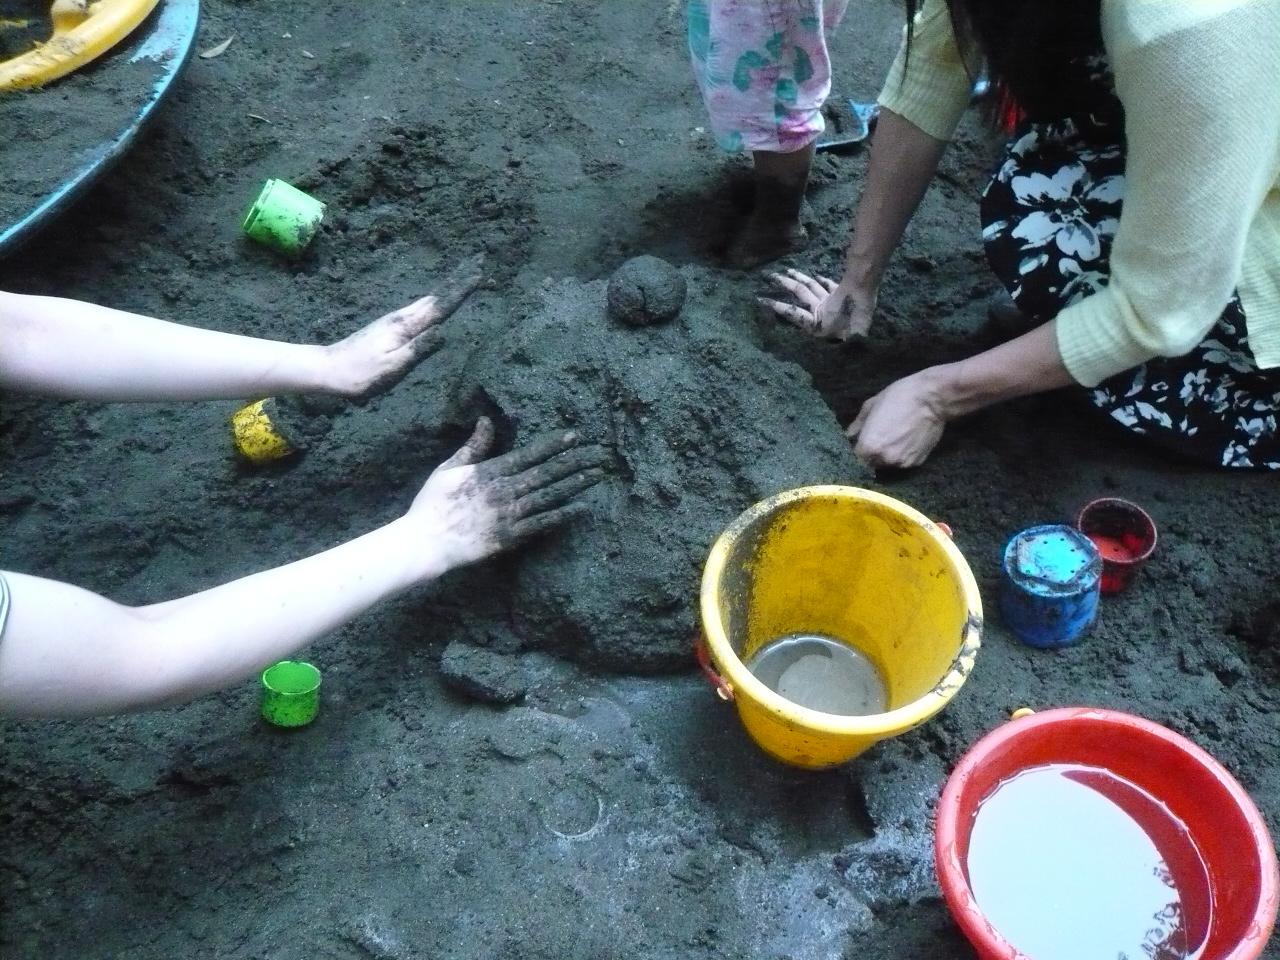 【8月特別イベント報告】砂場で大きなお城をつくろう!